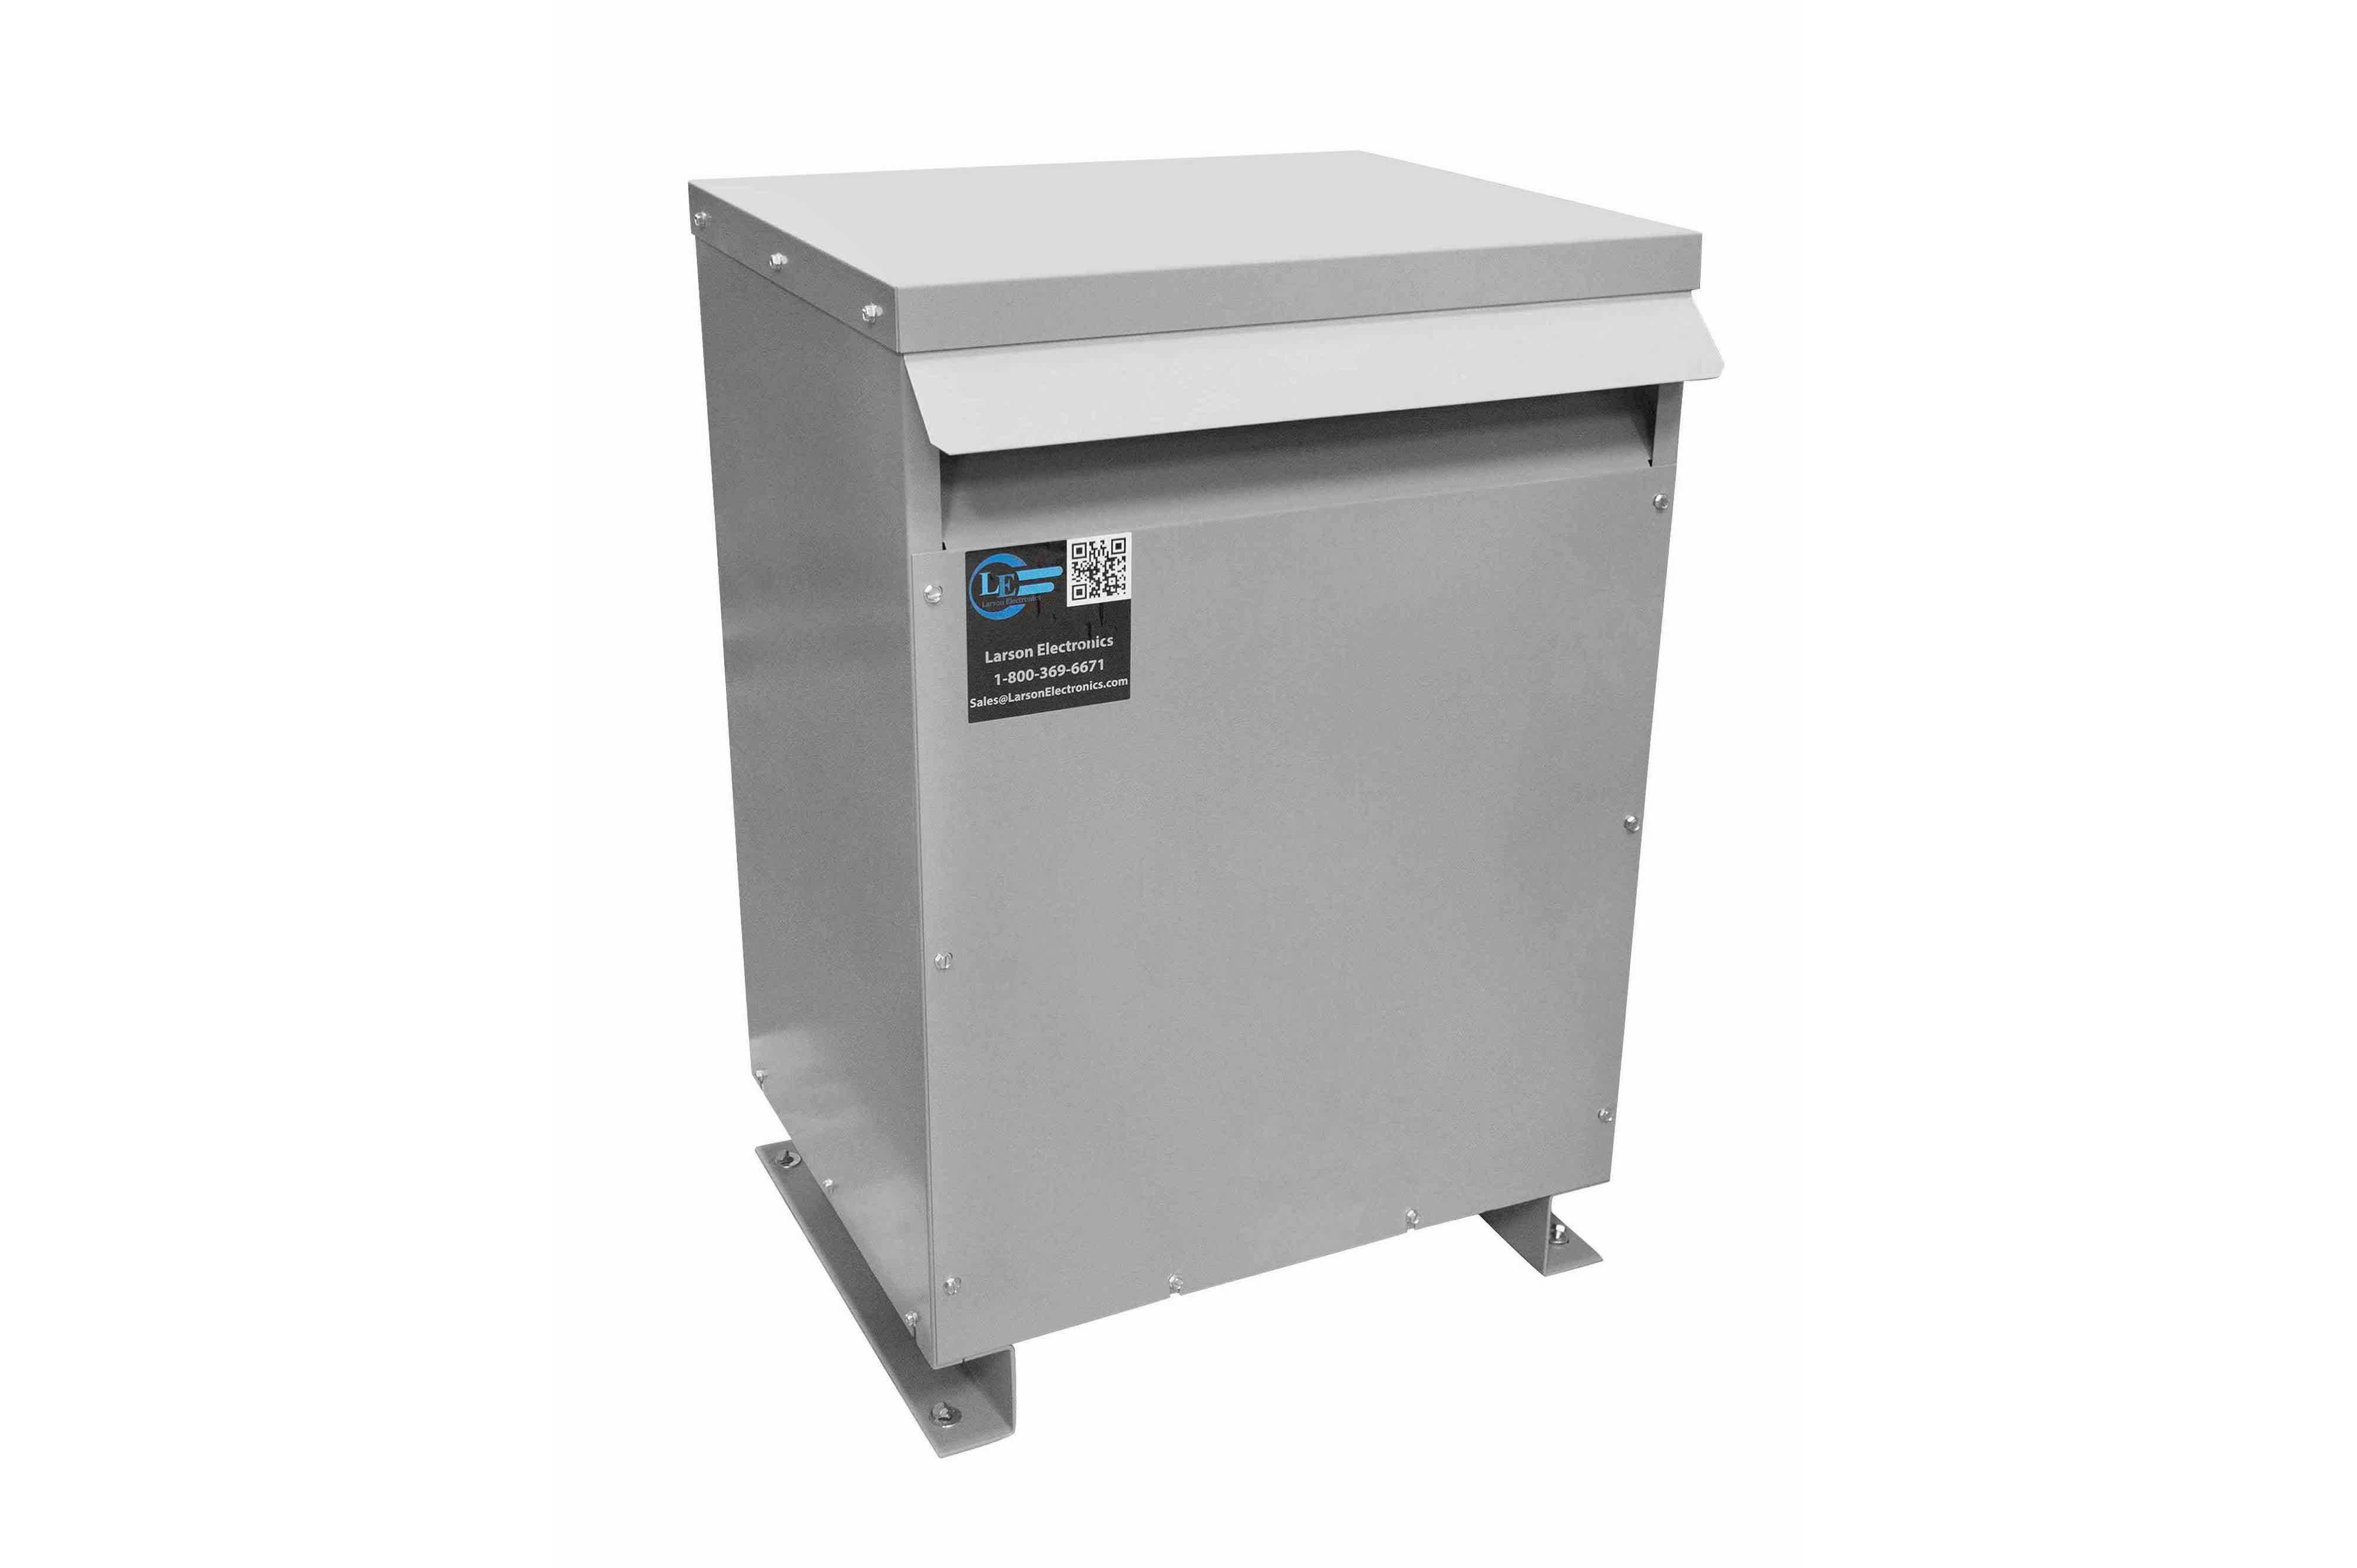 150 kVA 3PH Isolation Transformer, 415V Delta Primary, 480V Delta Secondary, N3R, Ventilated, 60 Hz